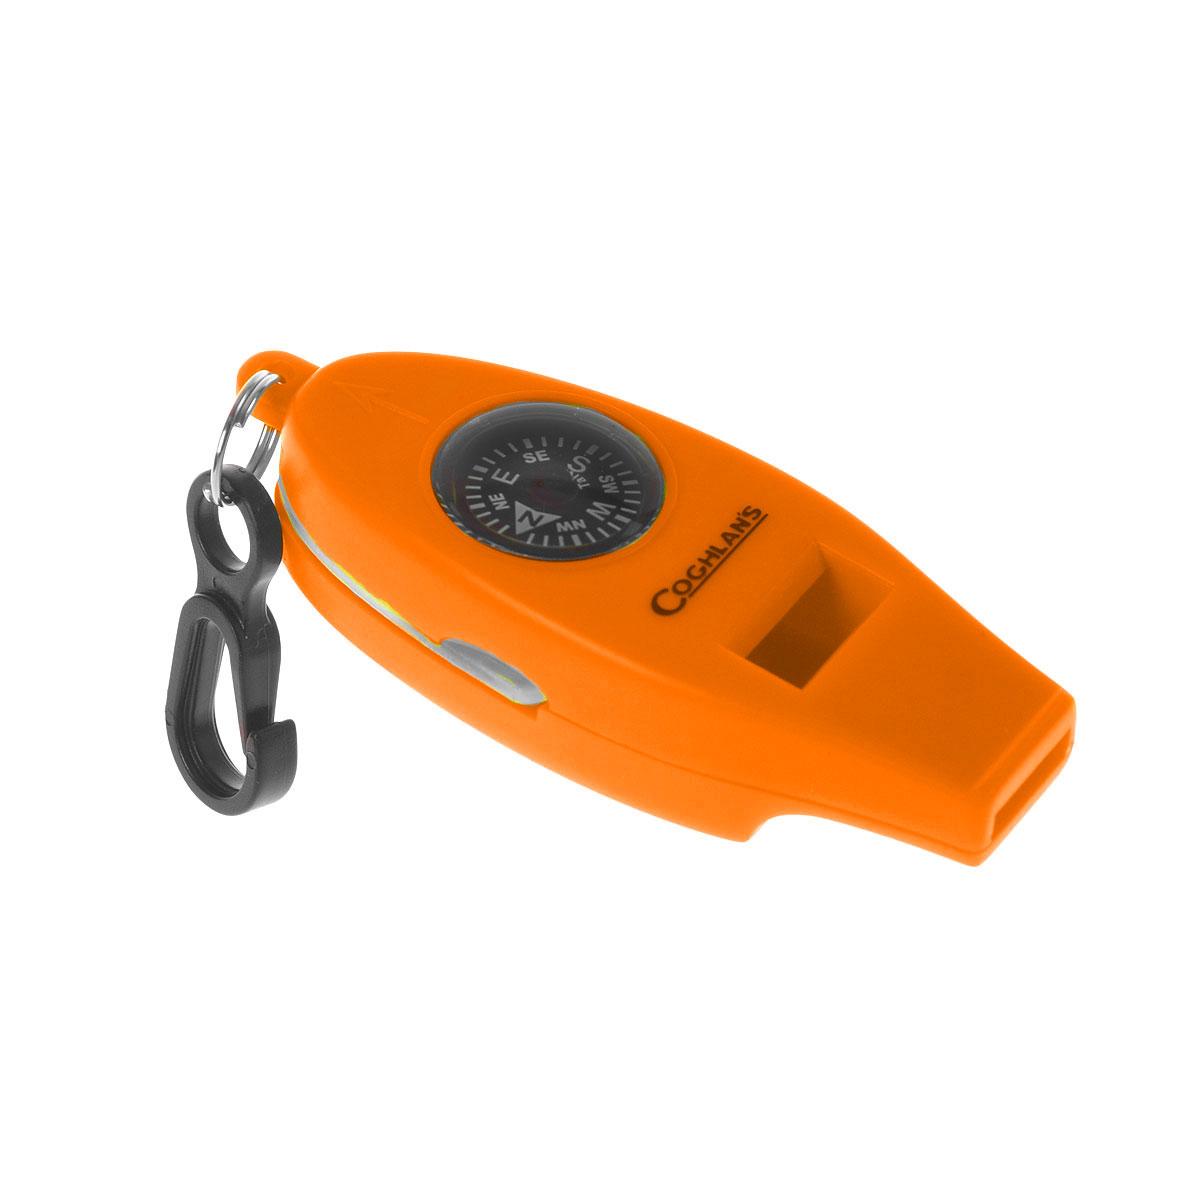 Свисток Coghlans, с четырьмя функциями, цвет: оранжевый9848Удобный и эффективный в чрезвычайных ситуациях гаджет Coghlans с 4-мя функциями - свисток, термометр, компас и увеличительное стекло для чтения карт. Возьмите с собой в лес, когда пойдете за грибами! Ударопрочный корпус, оснащен надежным карабином для крепления.